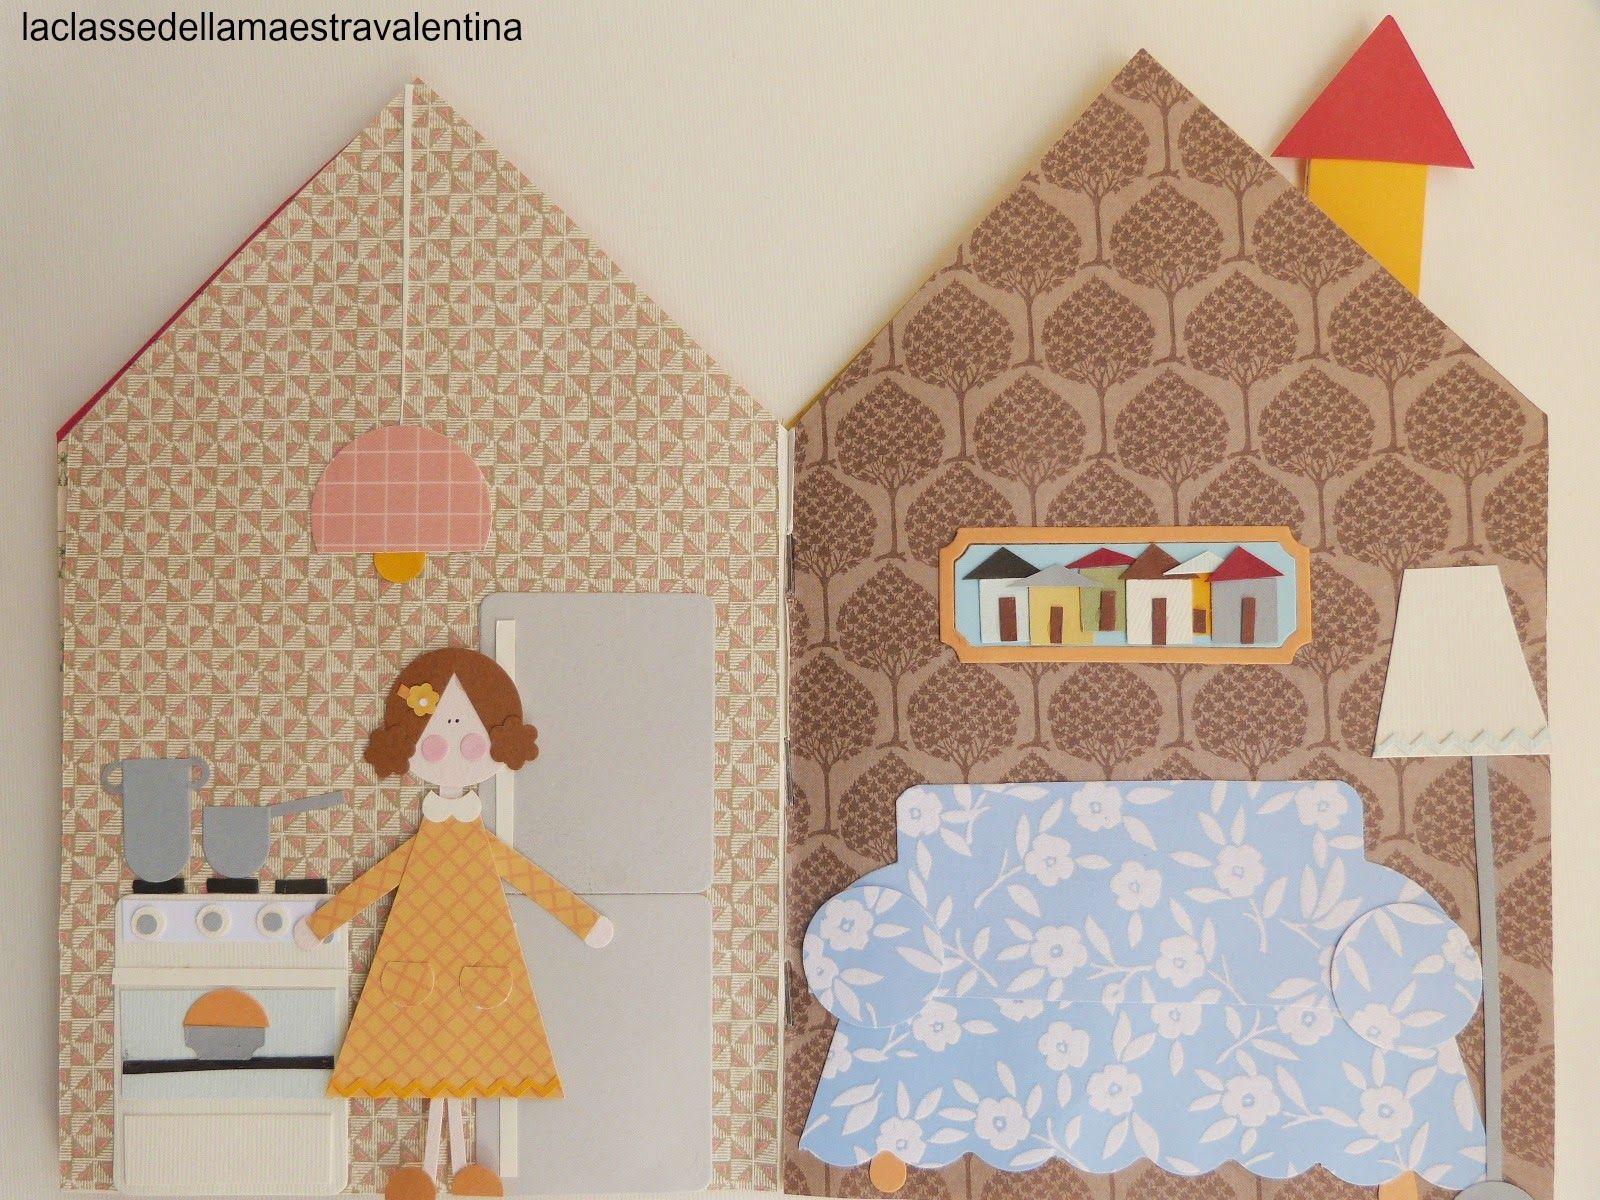 La classe della maestra Valentina: casette di carta